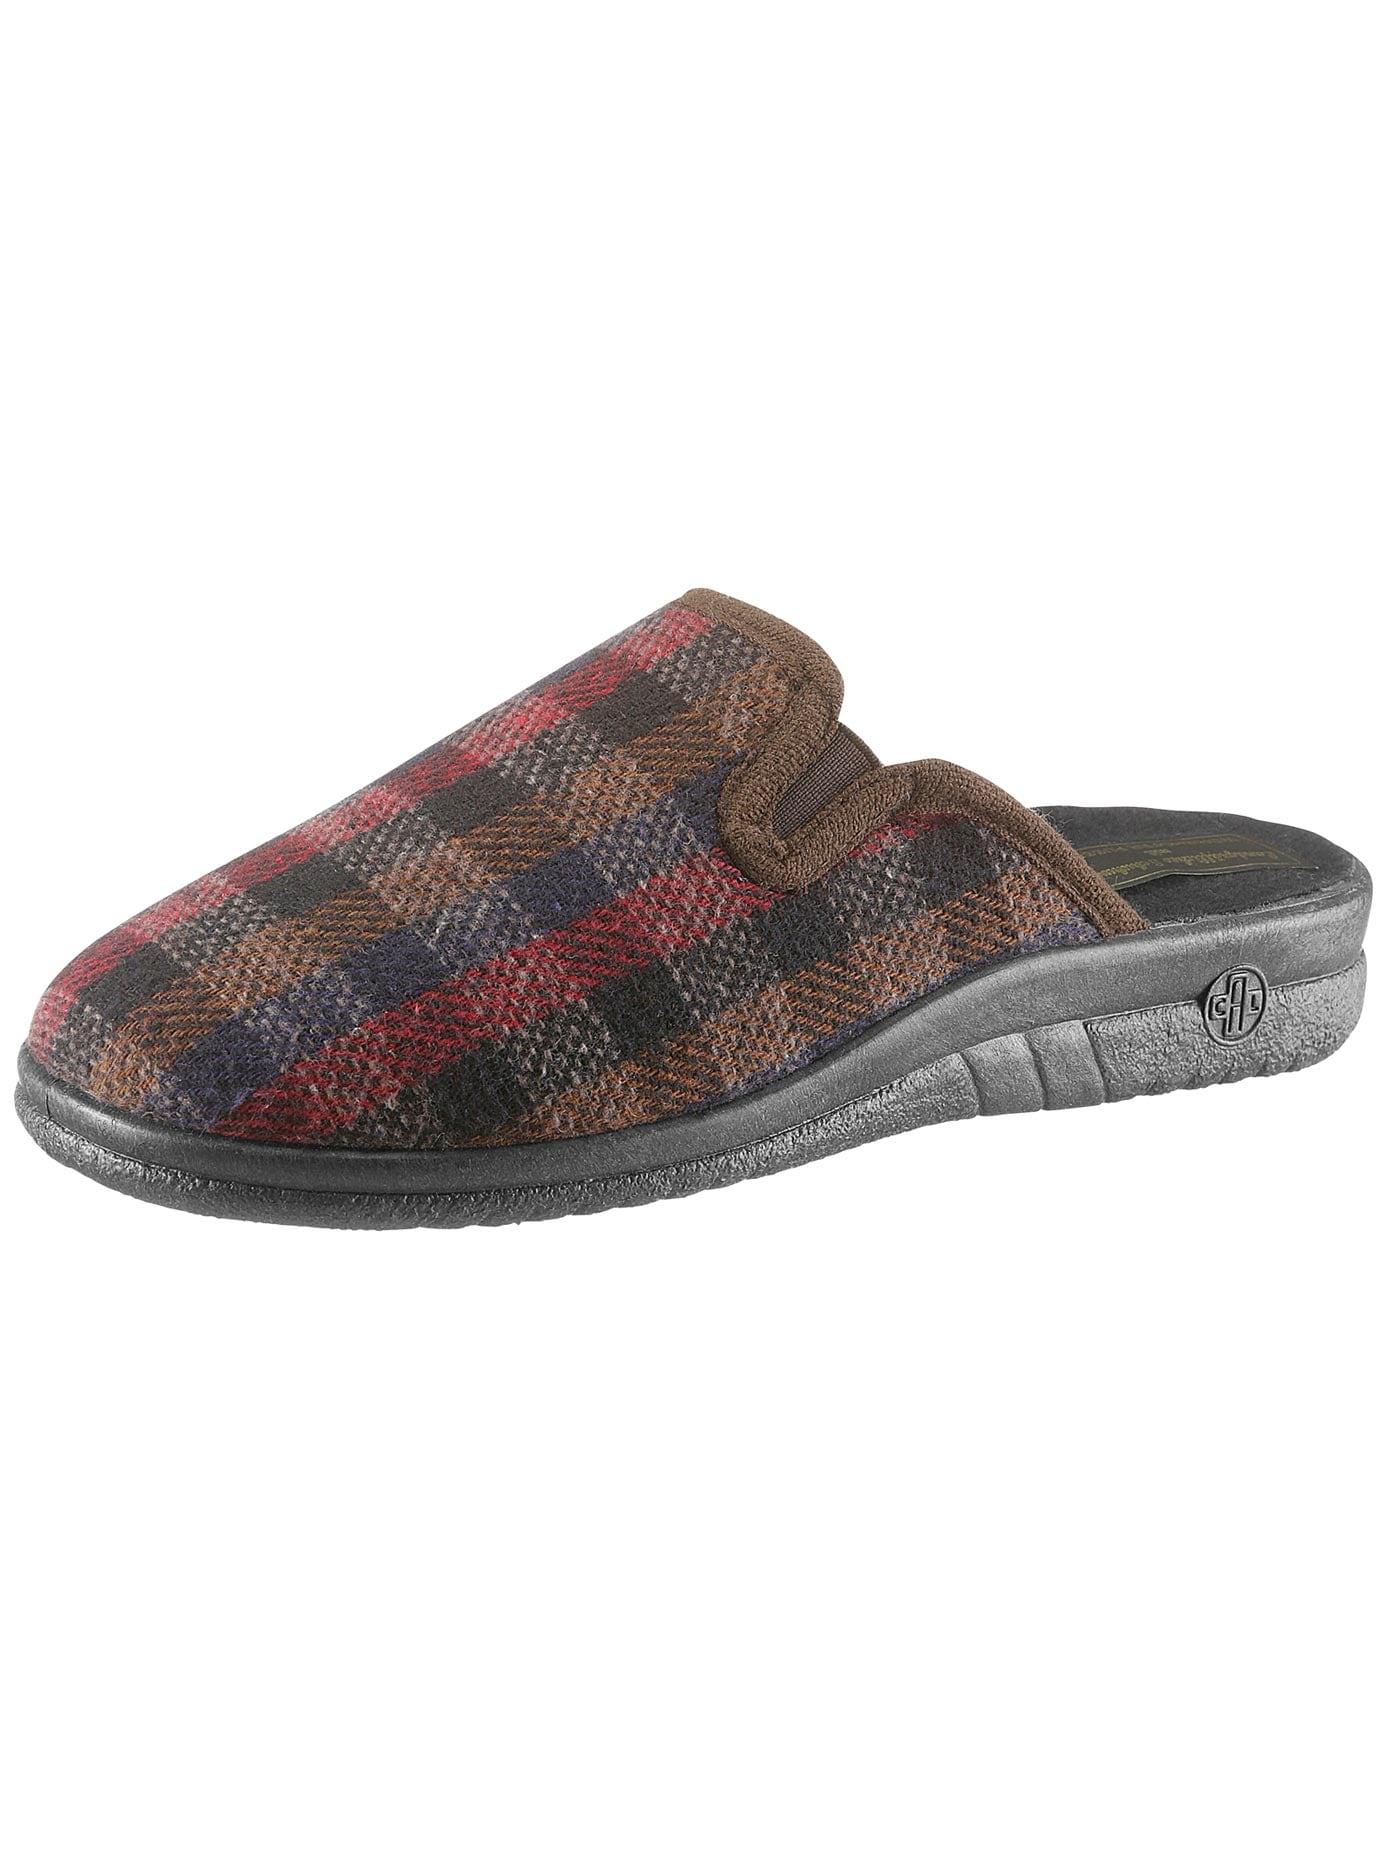 Landgraf Pantoffel mit Wörishofer Fußbett | Schuhe > Hausschuhe > Pantoffeln | Classic